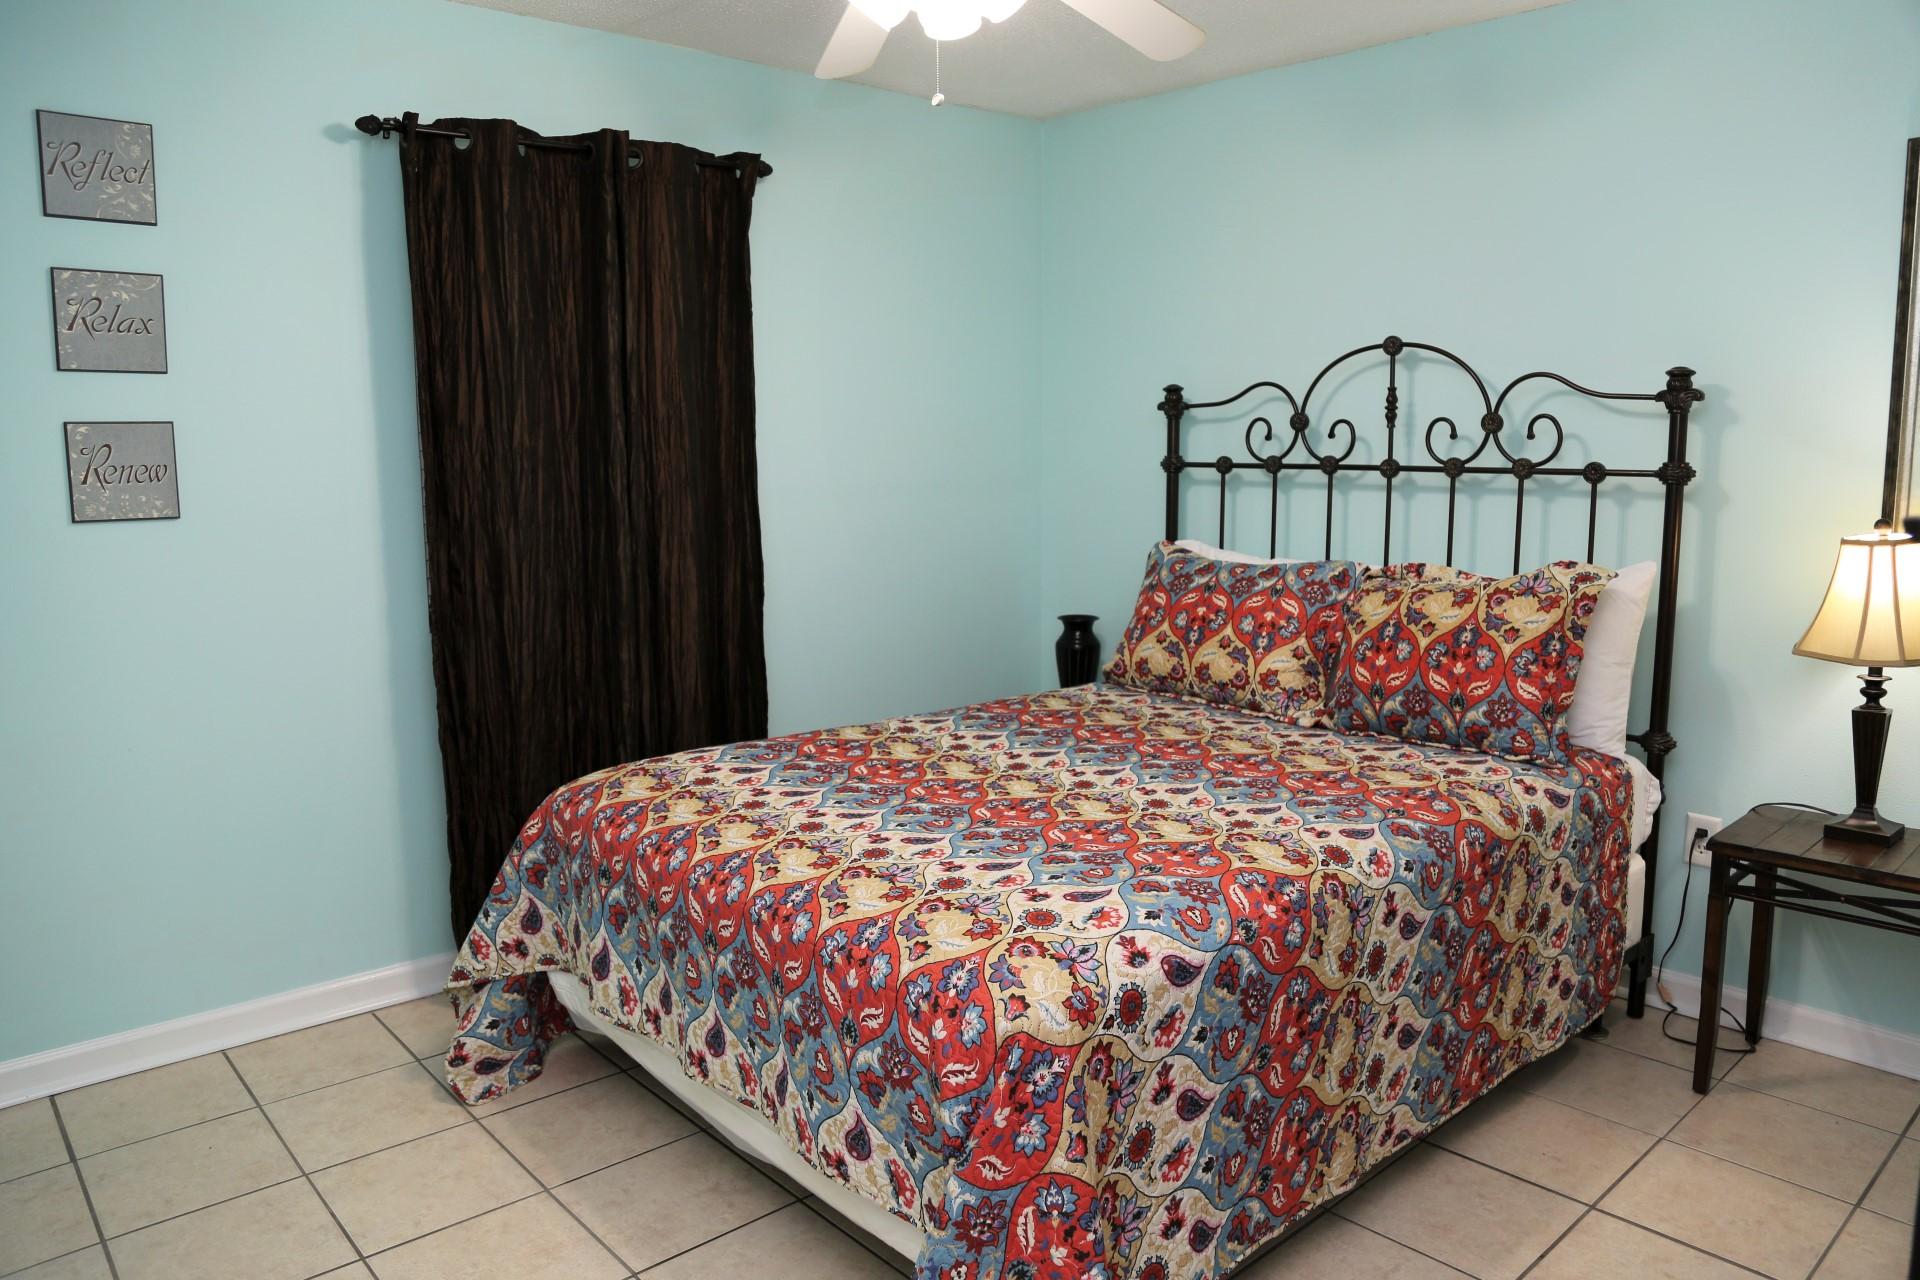 Castaways 1B - Second bedroom - Queen